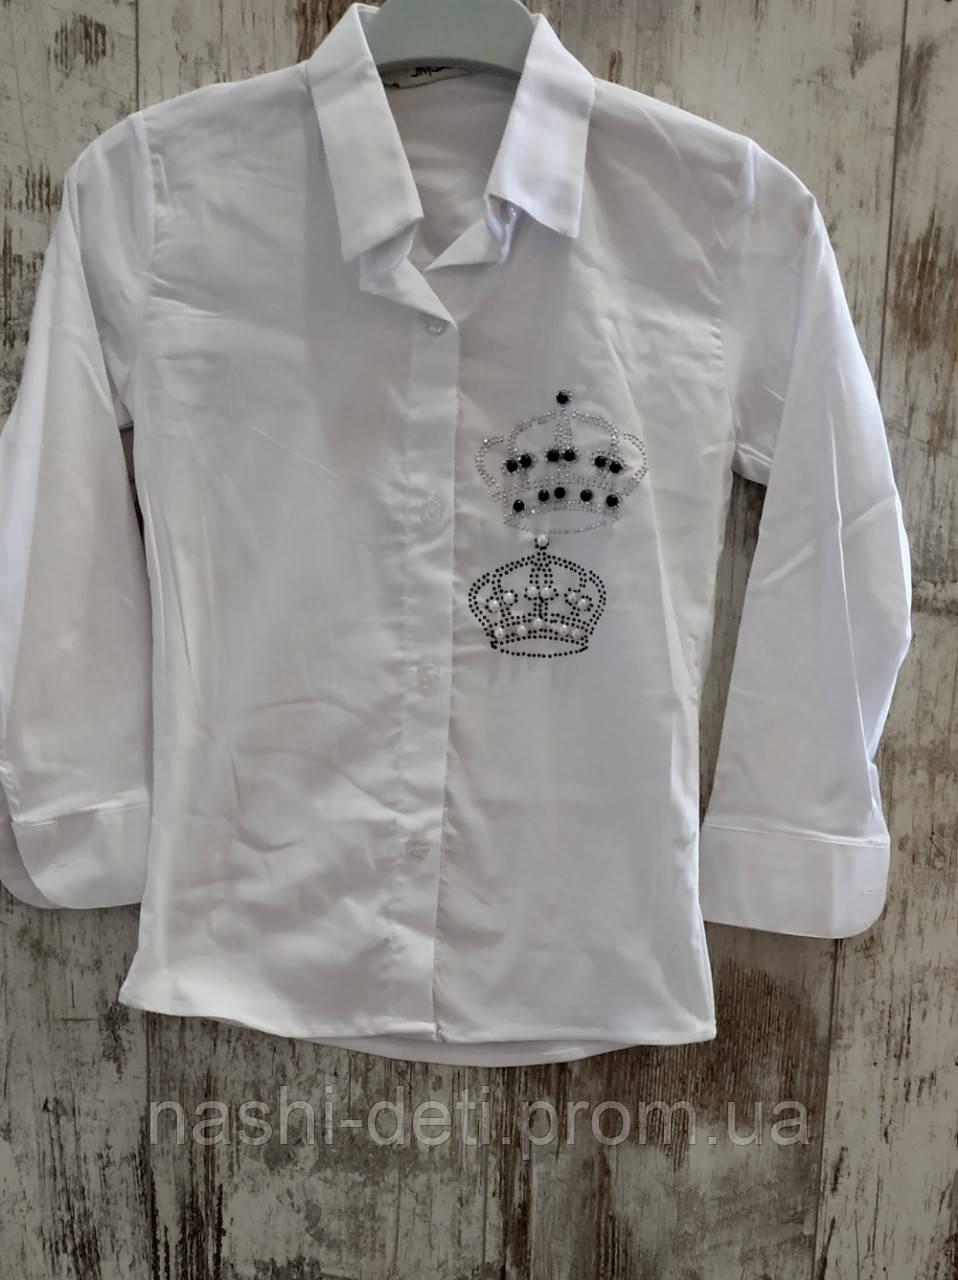 Рубашка для девочек. Размер от 6-9 лет.